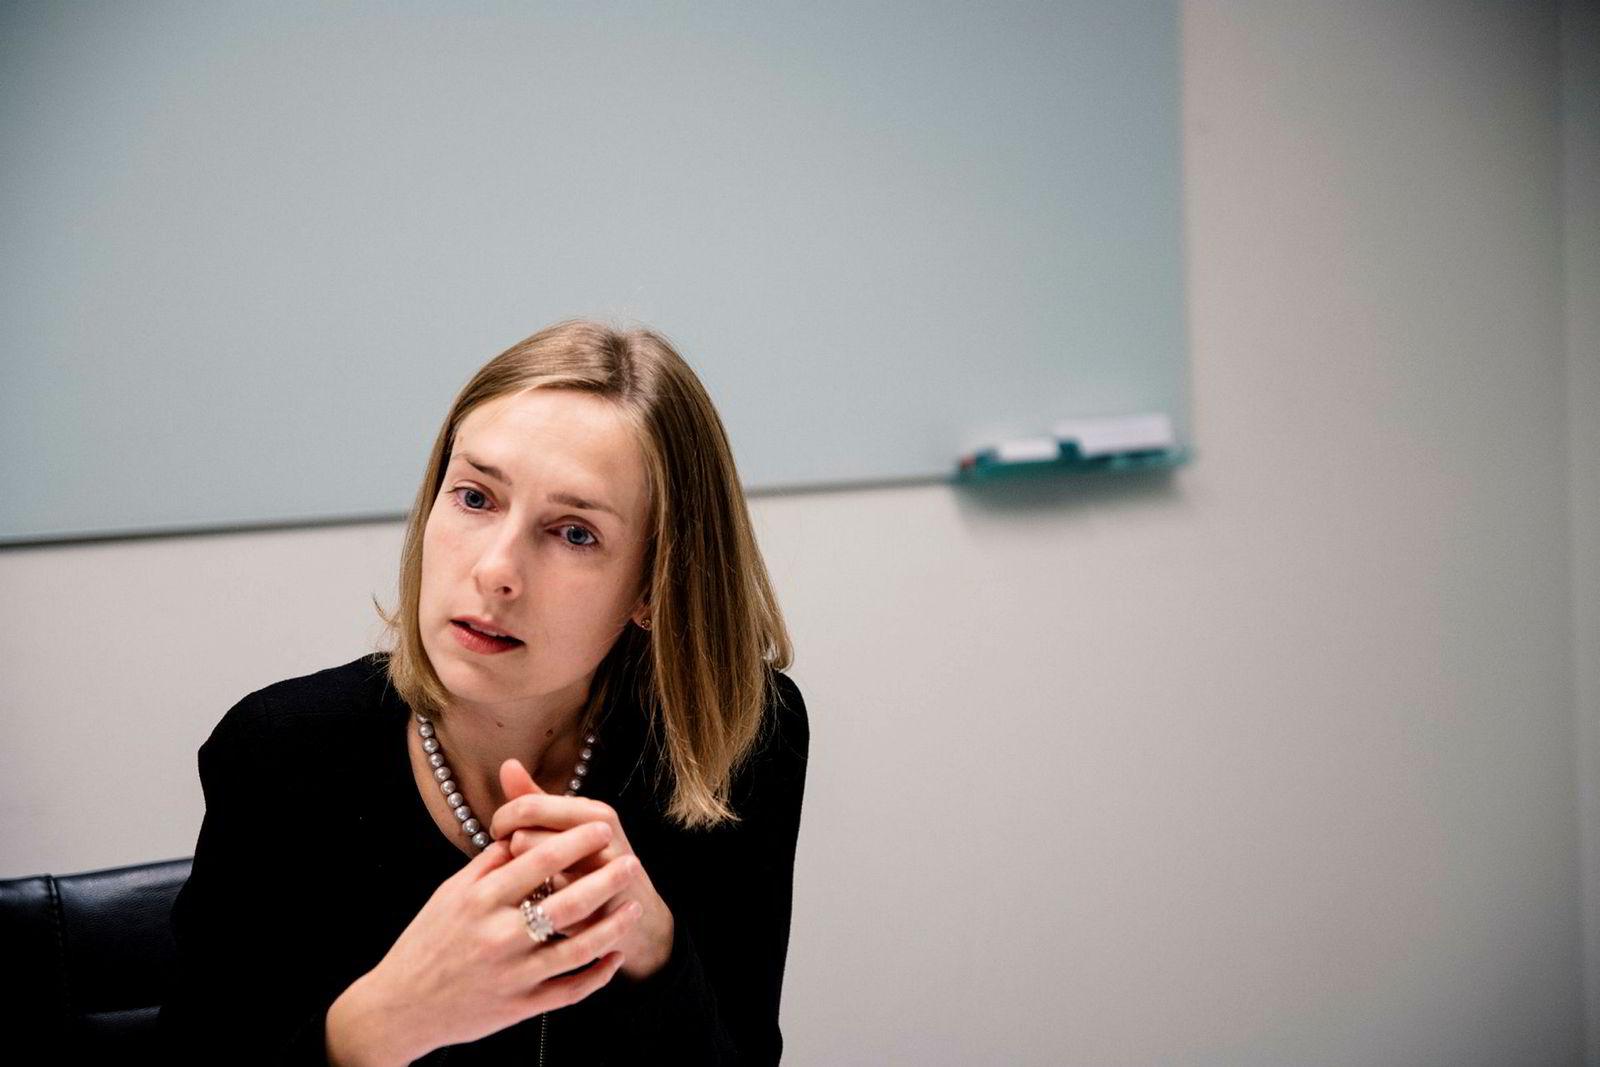 – Når fagmiljøet i Norge kjenner godt til studietilbudet ved det utenlandske lærestedet, vil også studentene føle seg tryggere på at valgmulighetene er kvalitetssikret, sier Iselin Nybø, forsknings- og høyere utdanningsminister.